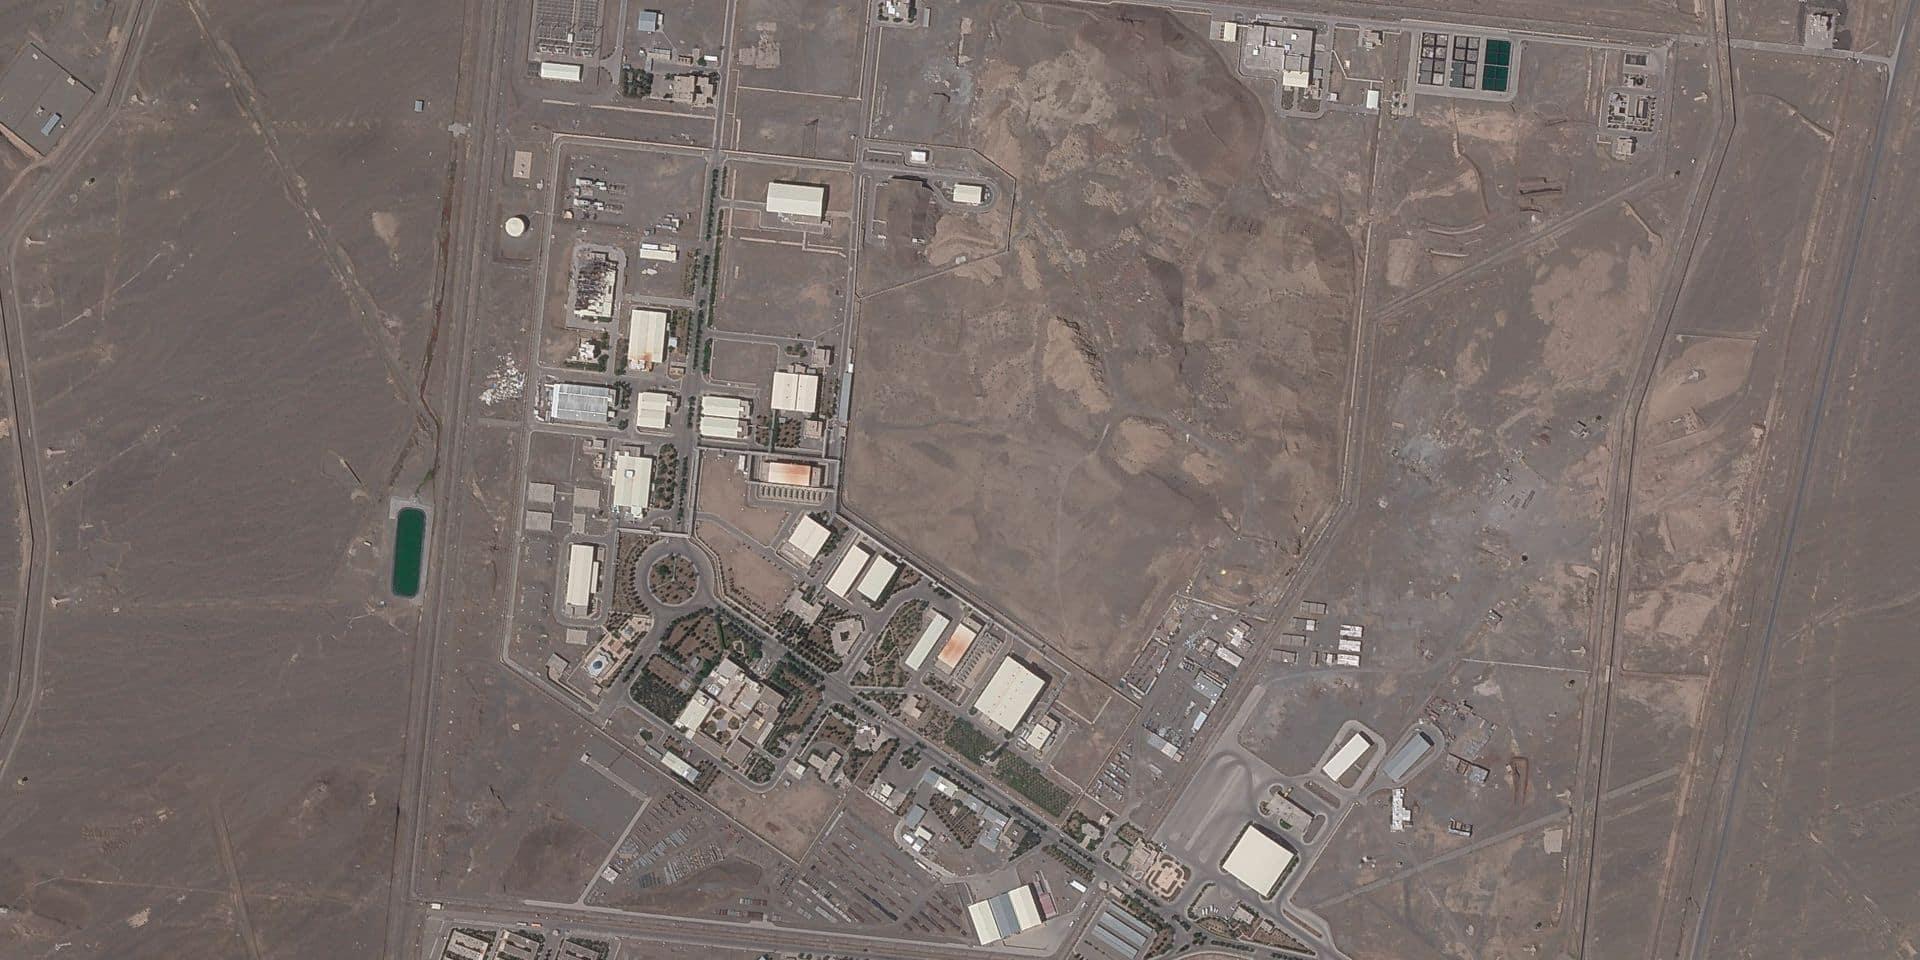 Un satellite russe au service de l'Iran, qui accroît son influence régionale